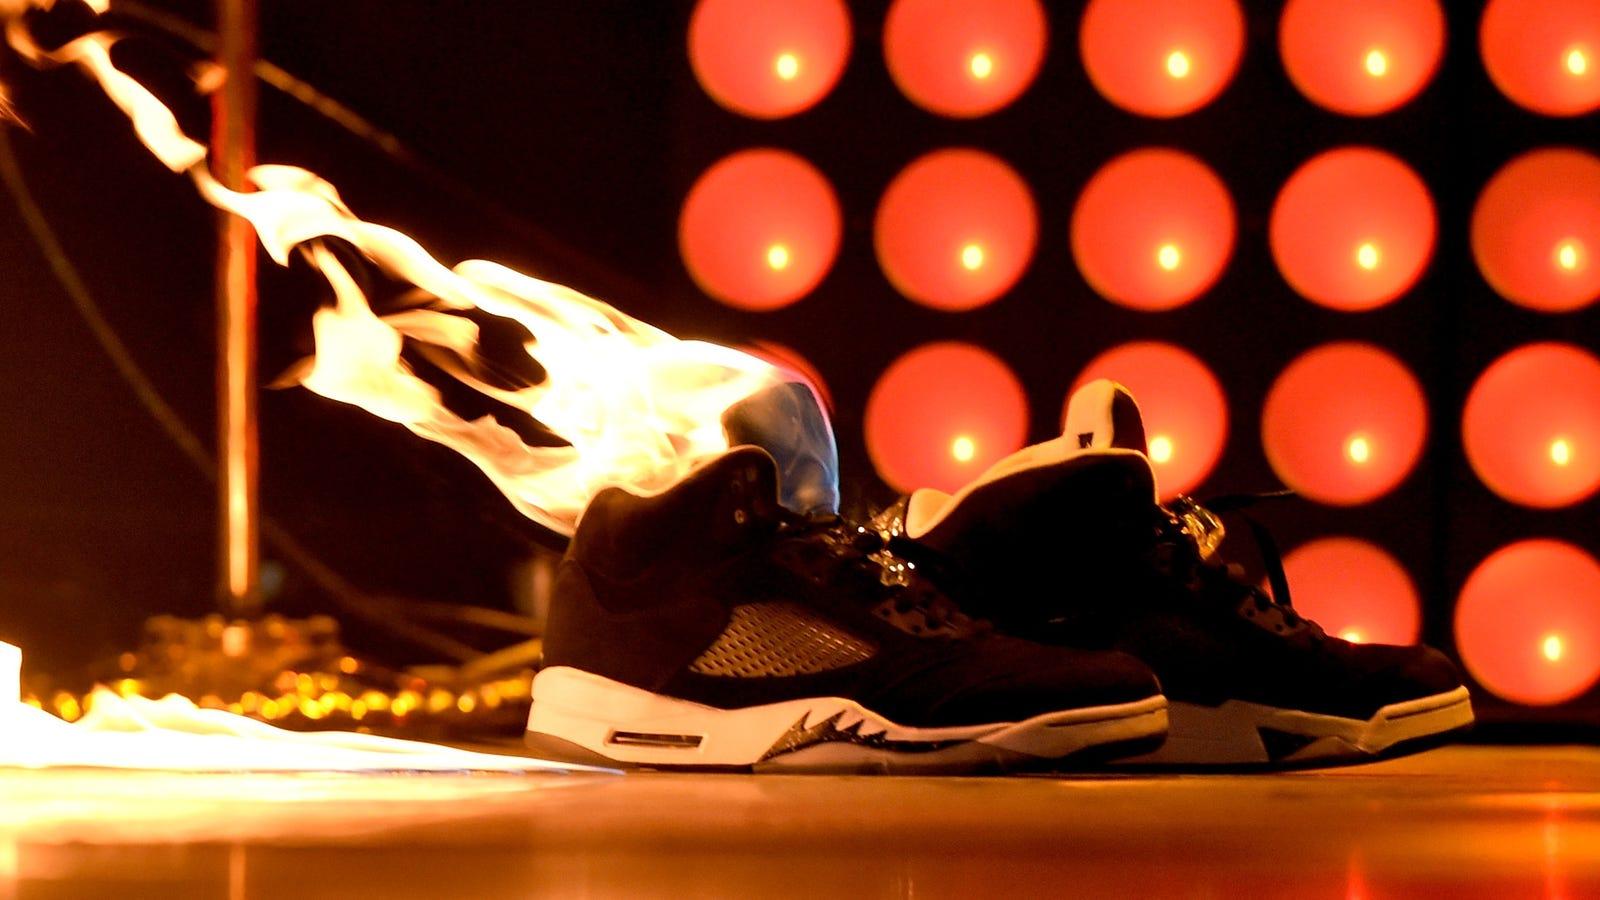 Shoe camera upskirt